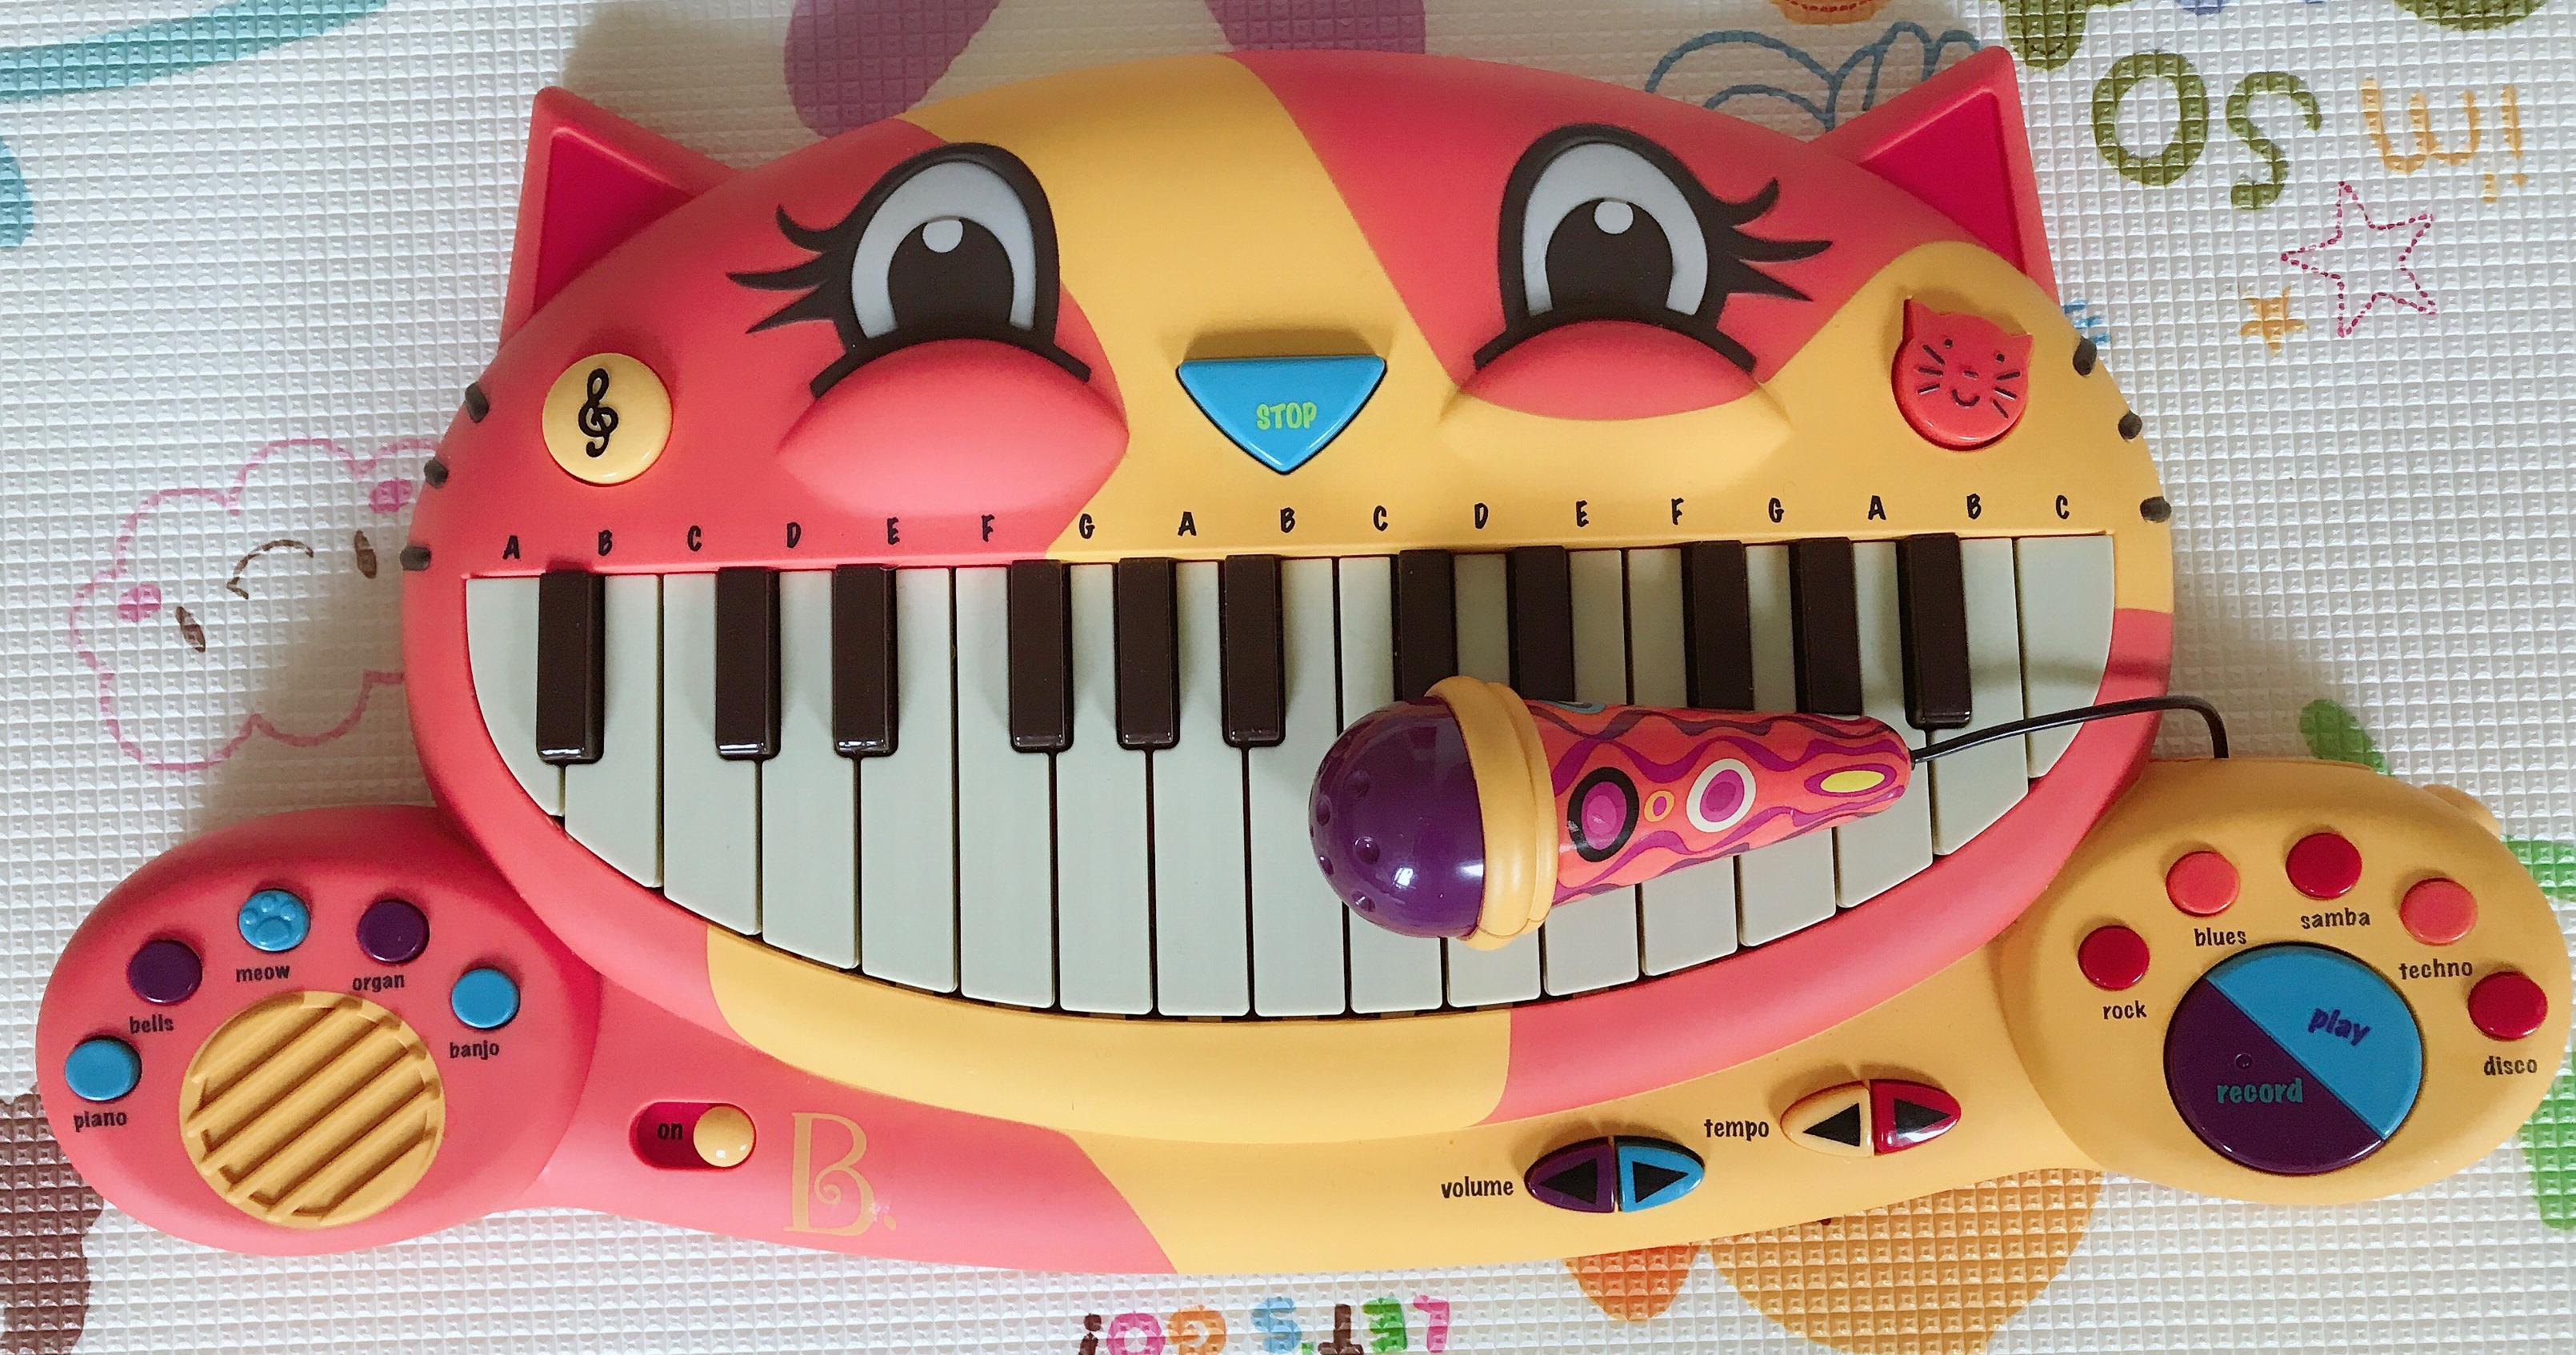 比乐大嘴猫琴 儿童益智早教电子钢琴使用感受(年龄|品牌|标志)